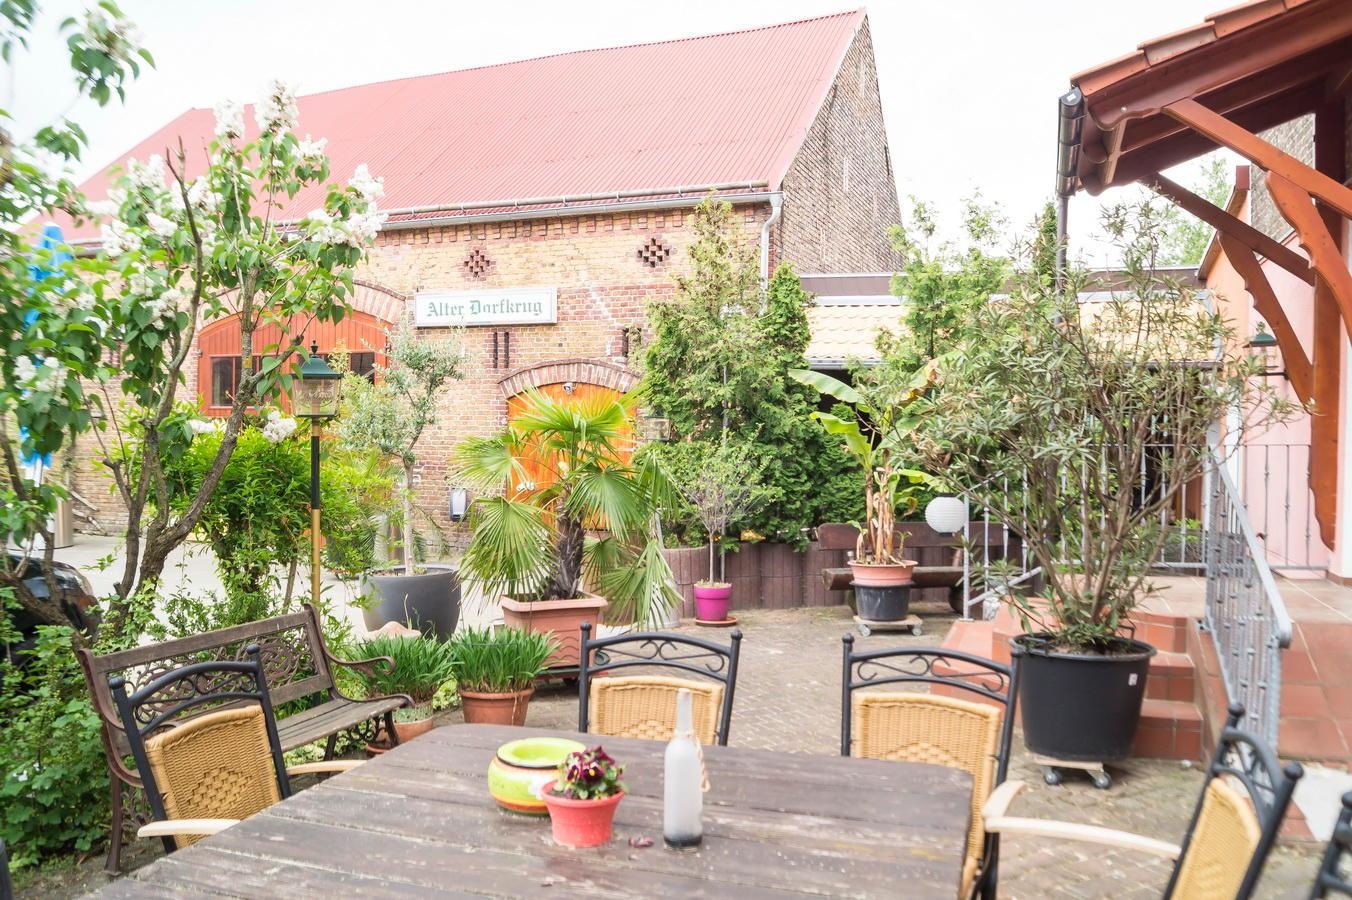 Landgasthof - Alter Dorfkrug